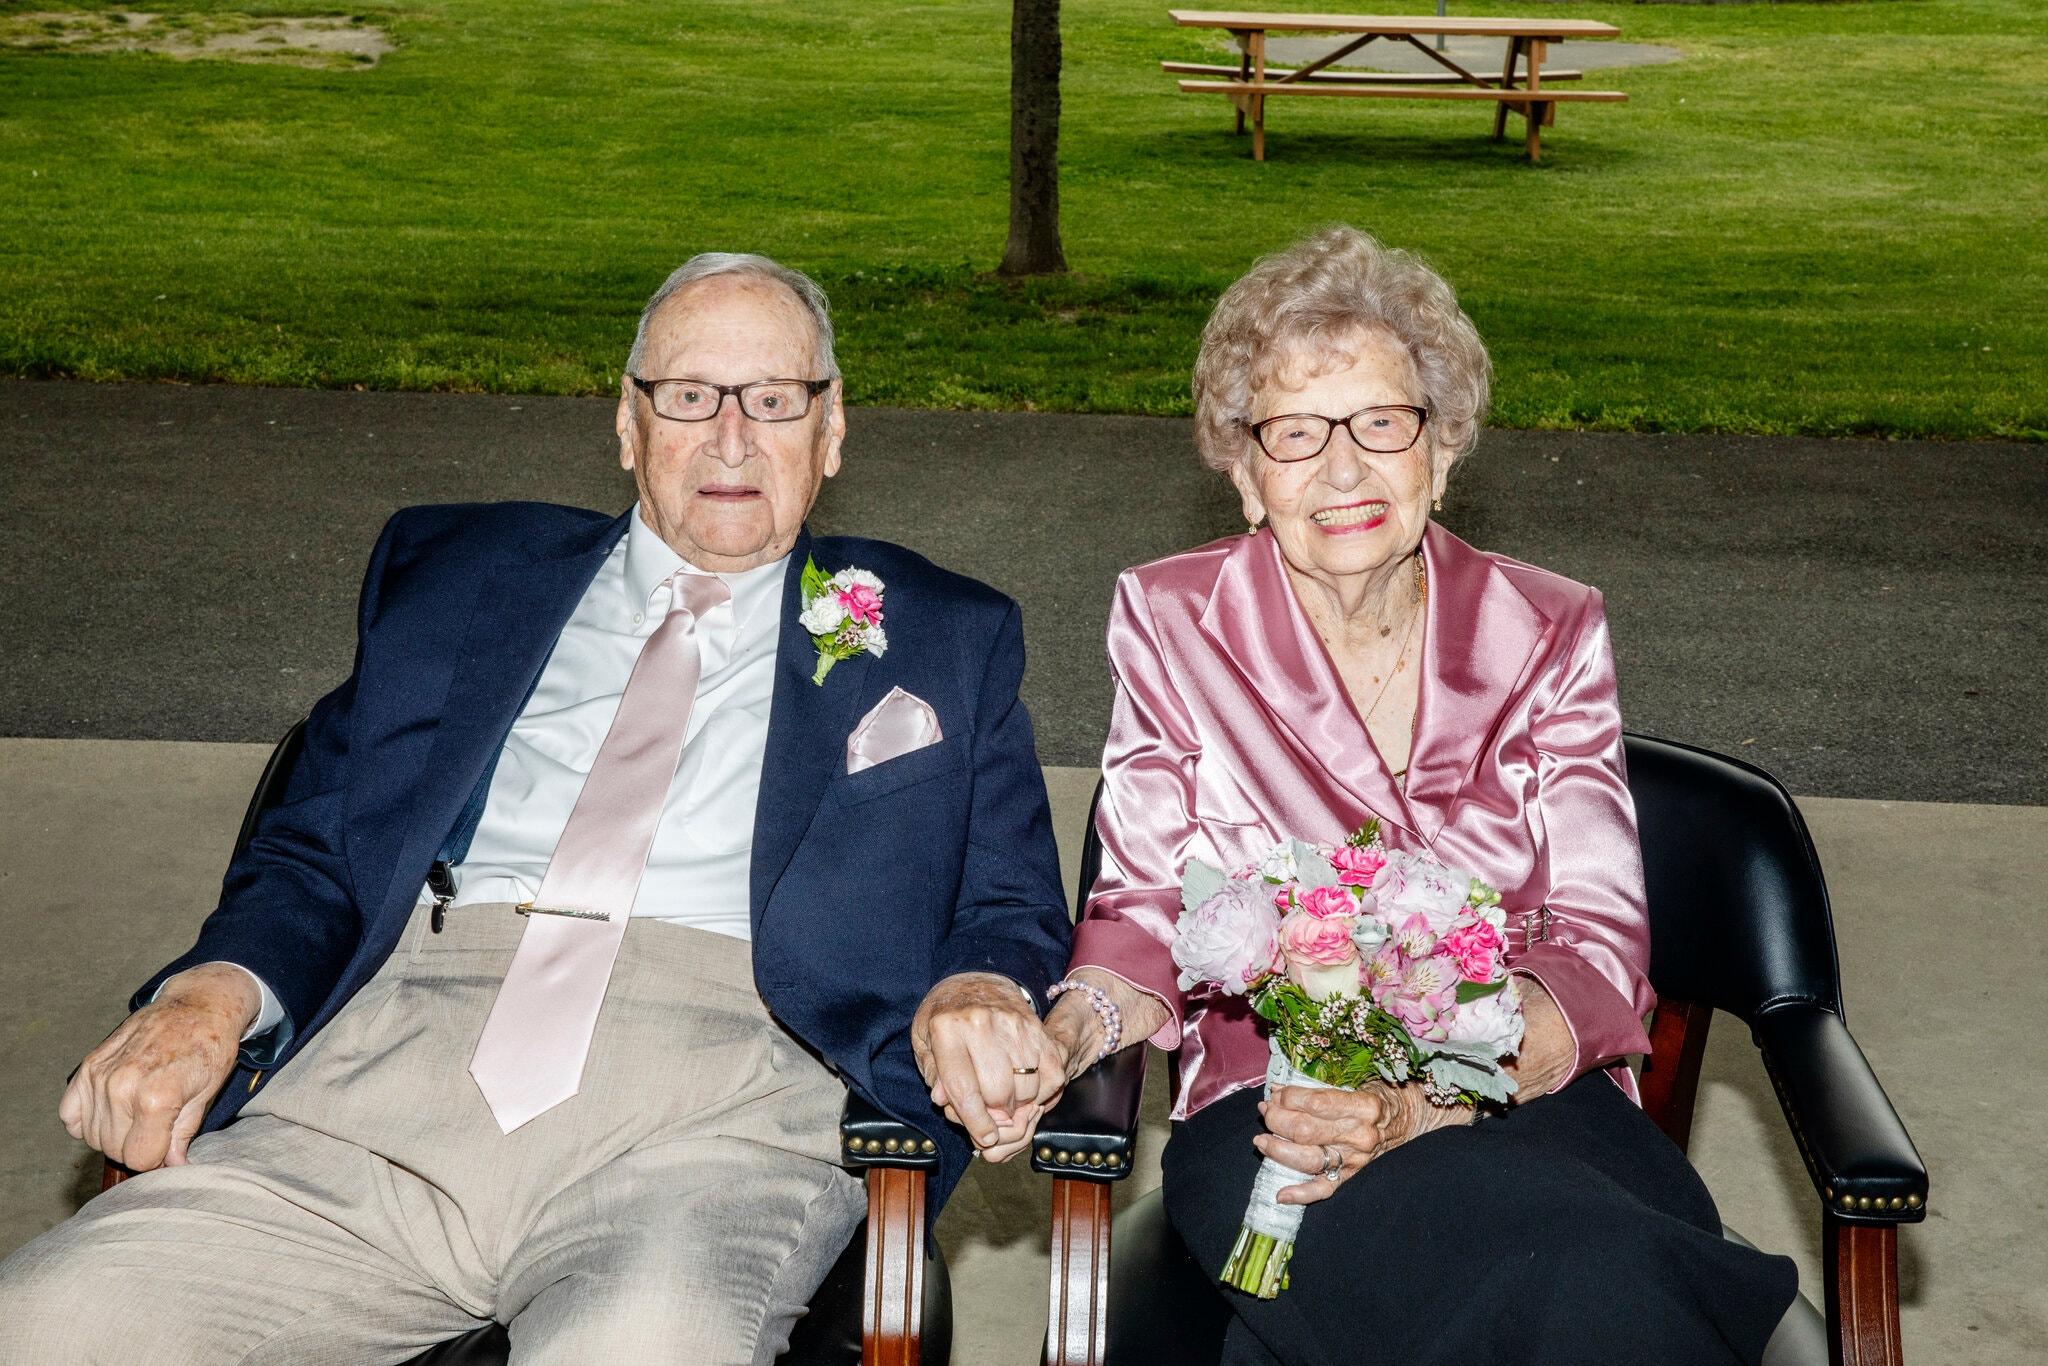 Đám cưới tuổi 95 của hai cụ già - 1